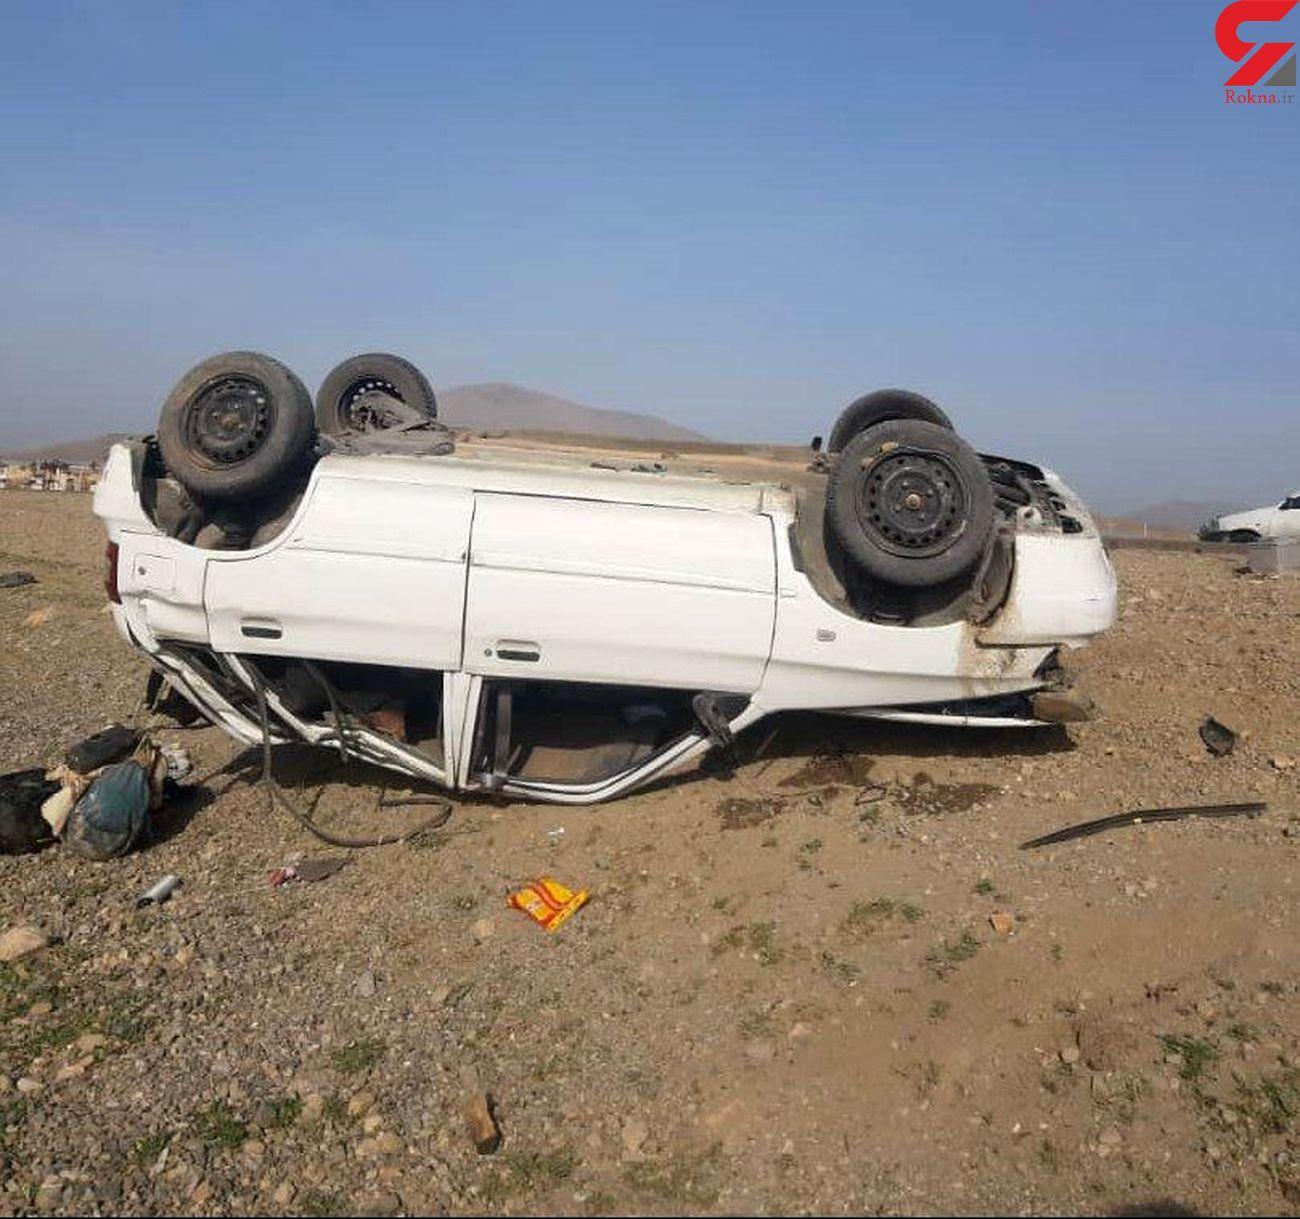 5 کشته و زخمی نتیجه بی توجهی یک راننده